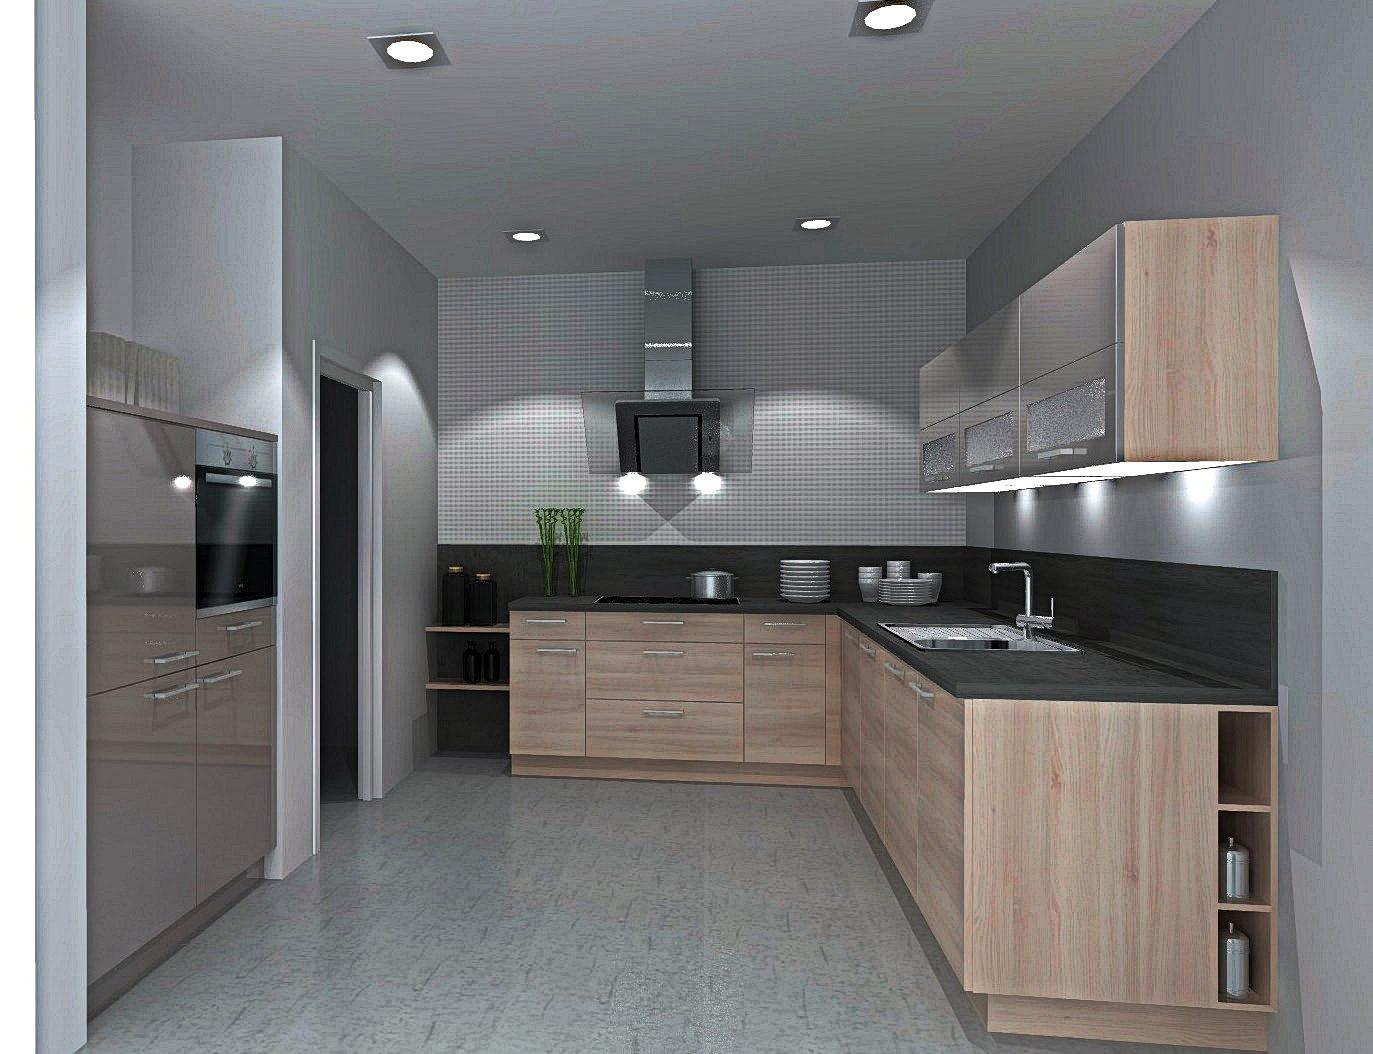 Full Size of Moderne Küche U Form Küche U Form Gebraucht Küche U Form Günstig Grifflose Küche U Form Küche Küche U Form